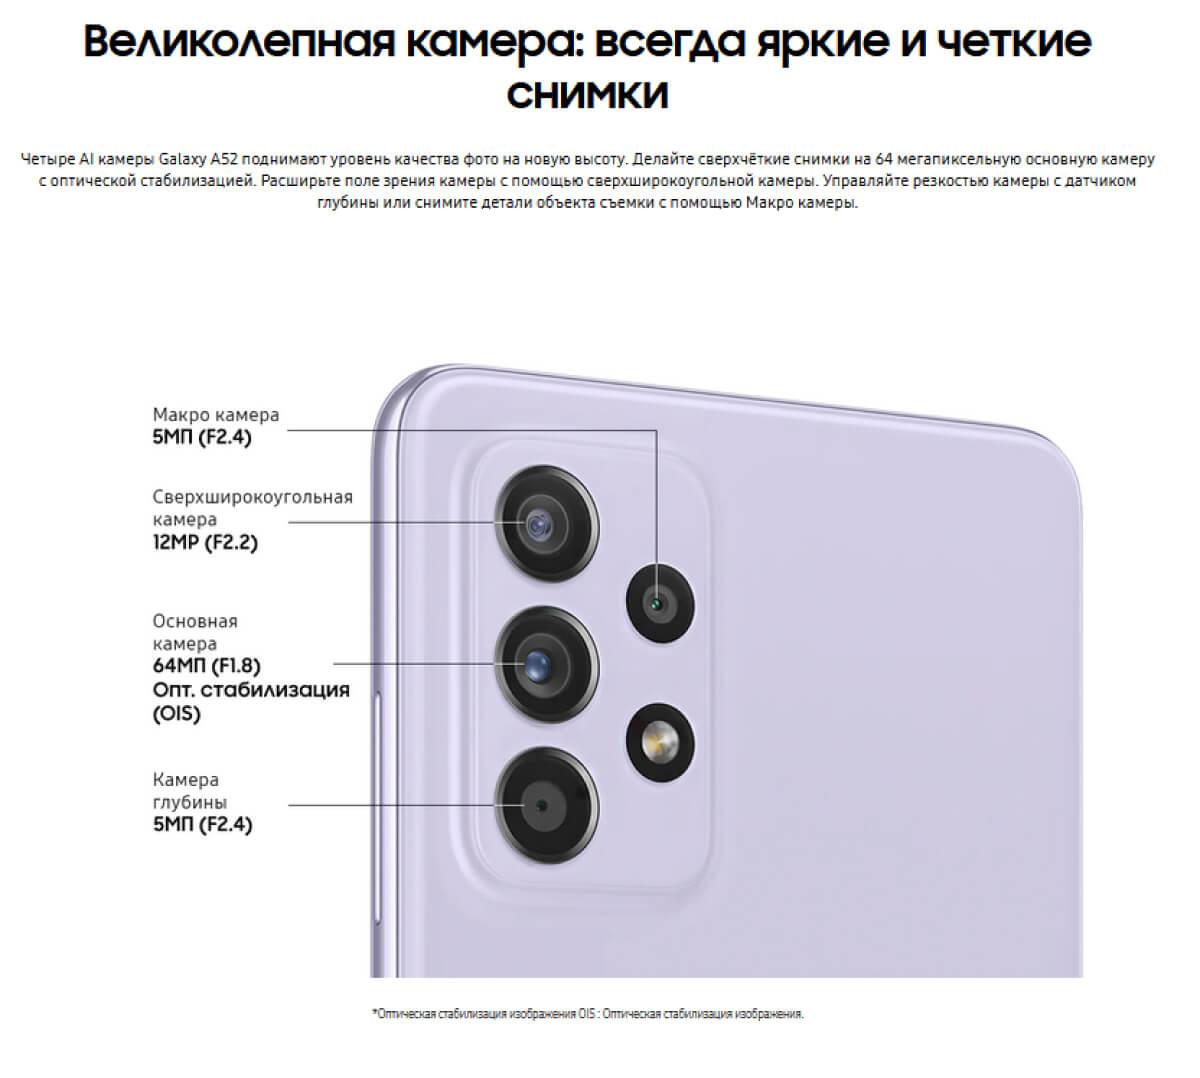 Samsung Galaxy A52 8/256 GB Лаванда купить